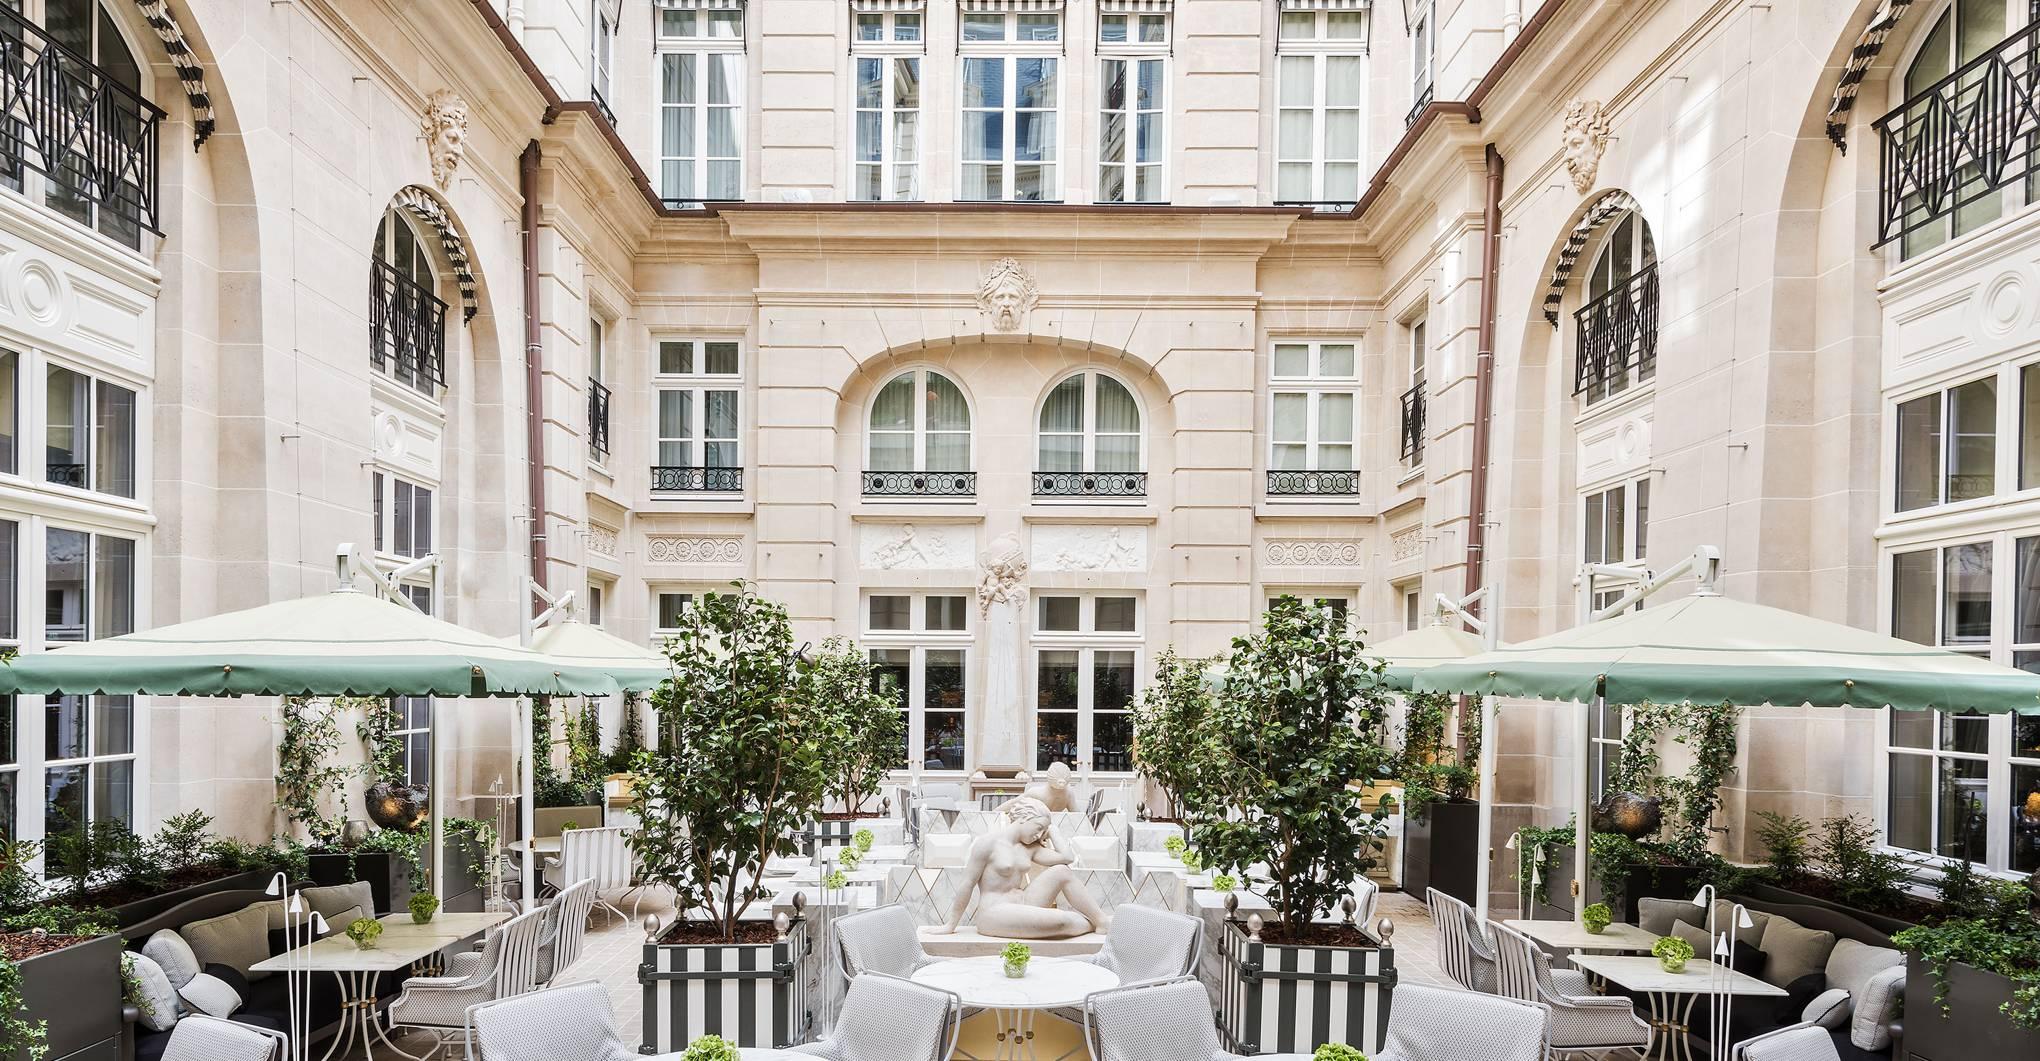 Hôtel de Crillon review